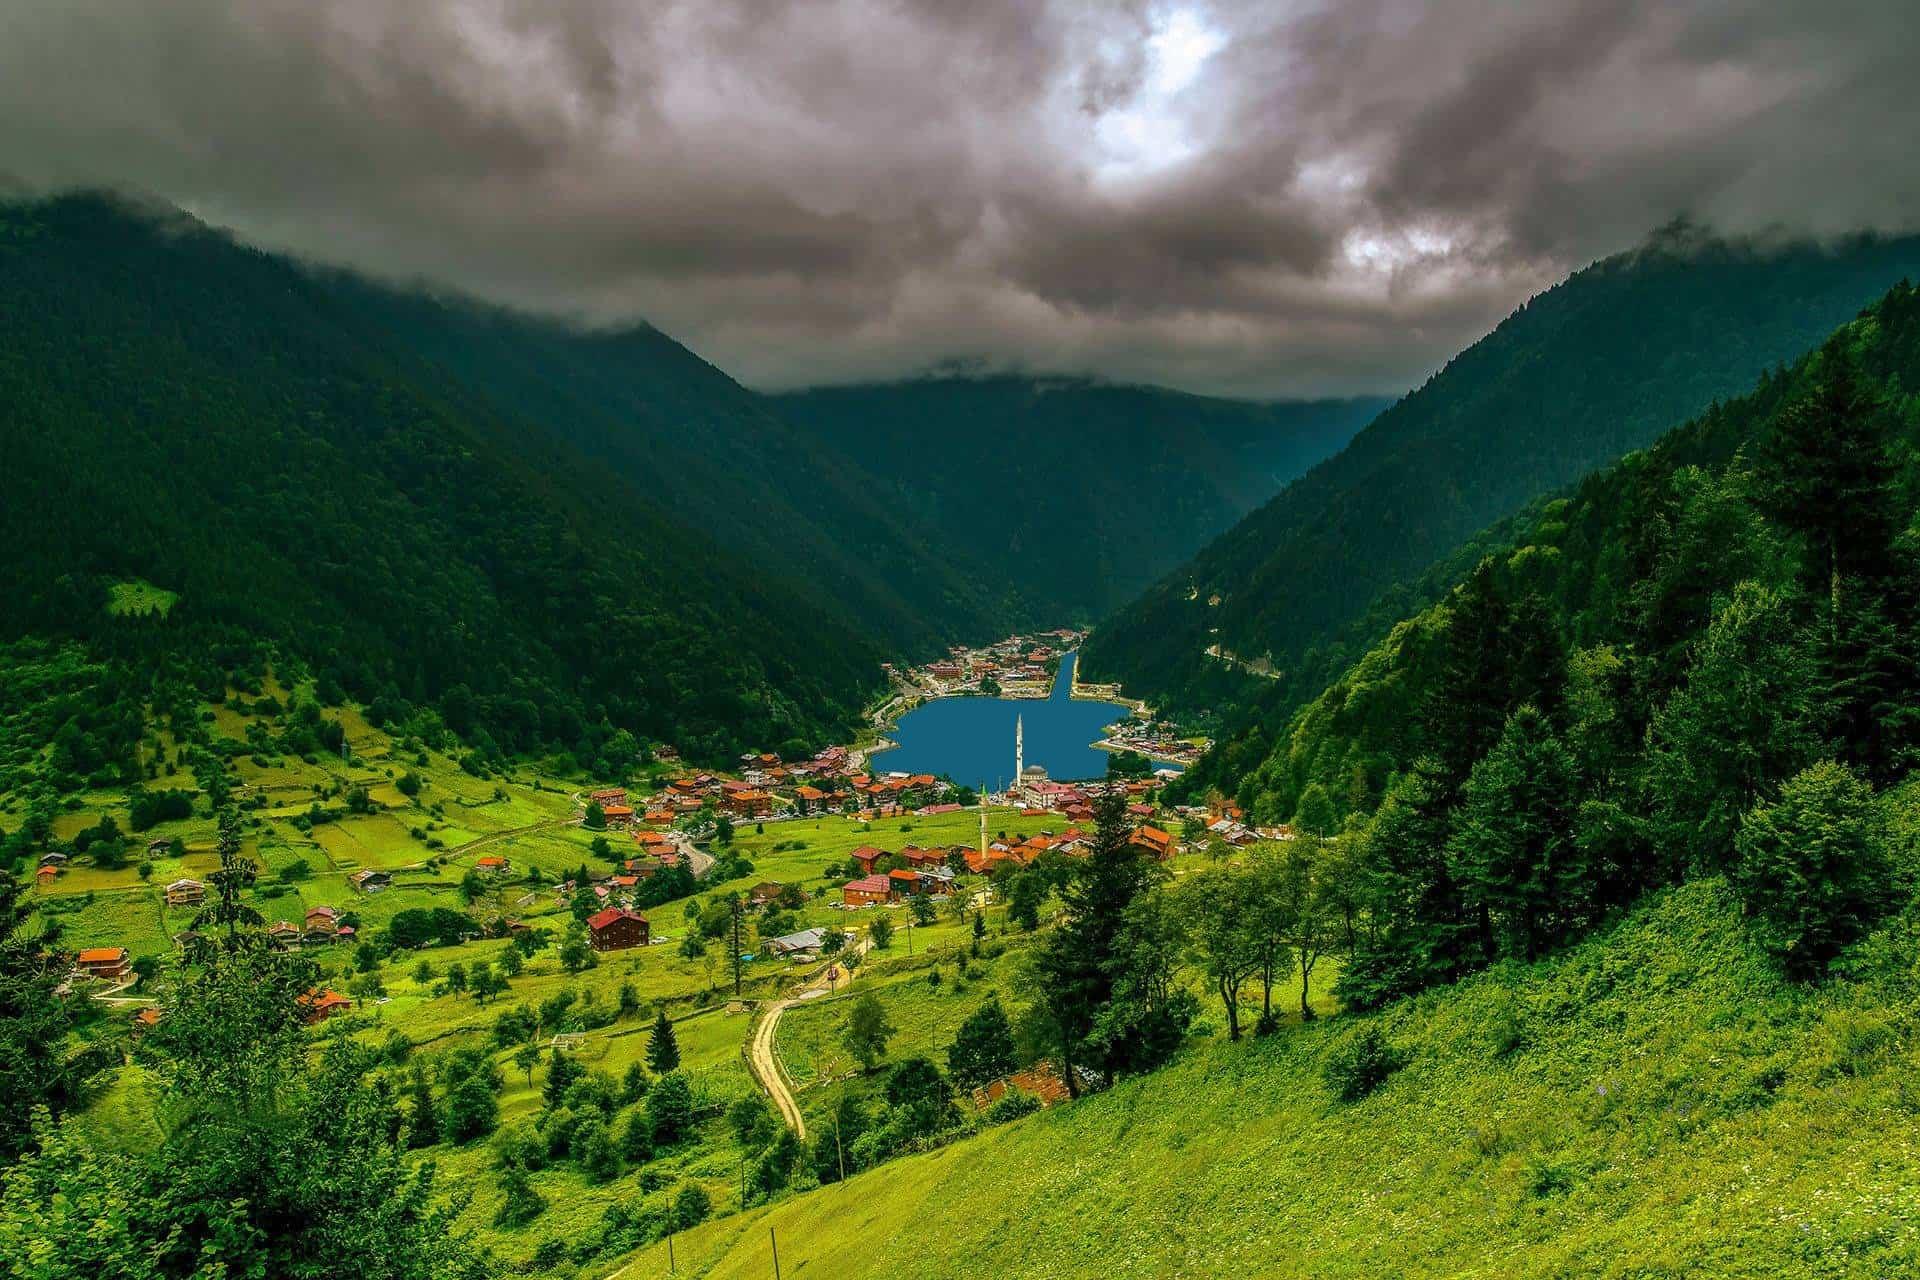 الطقس في طرابزون - السياحة في تركيا - المسافرون العرب